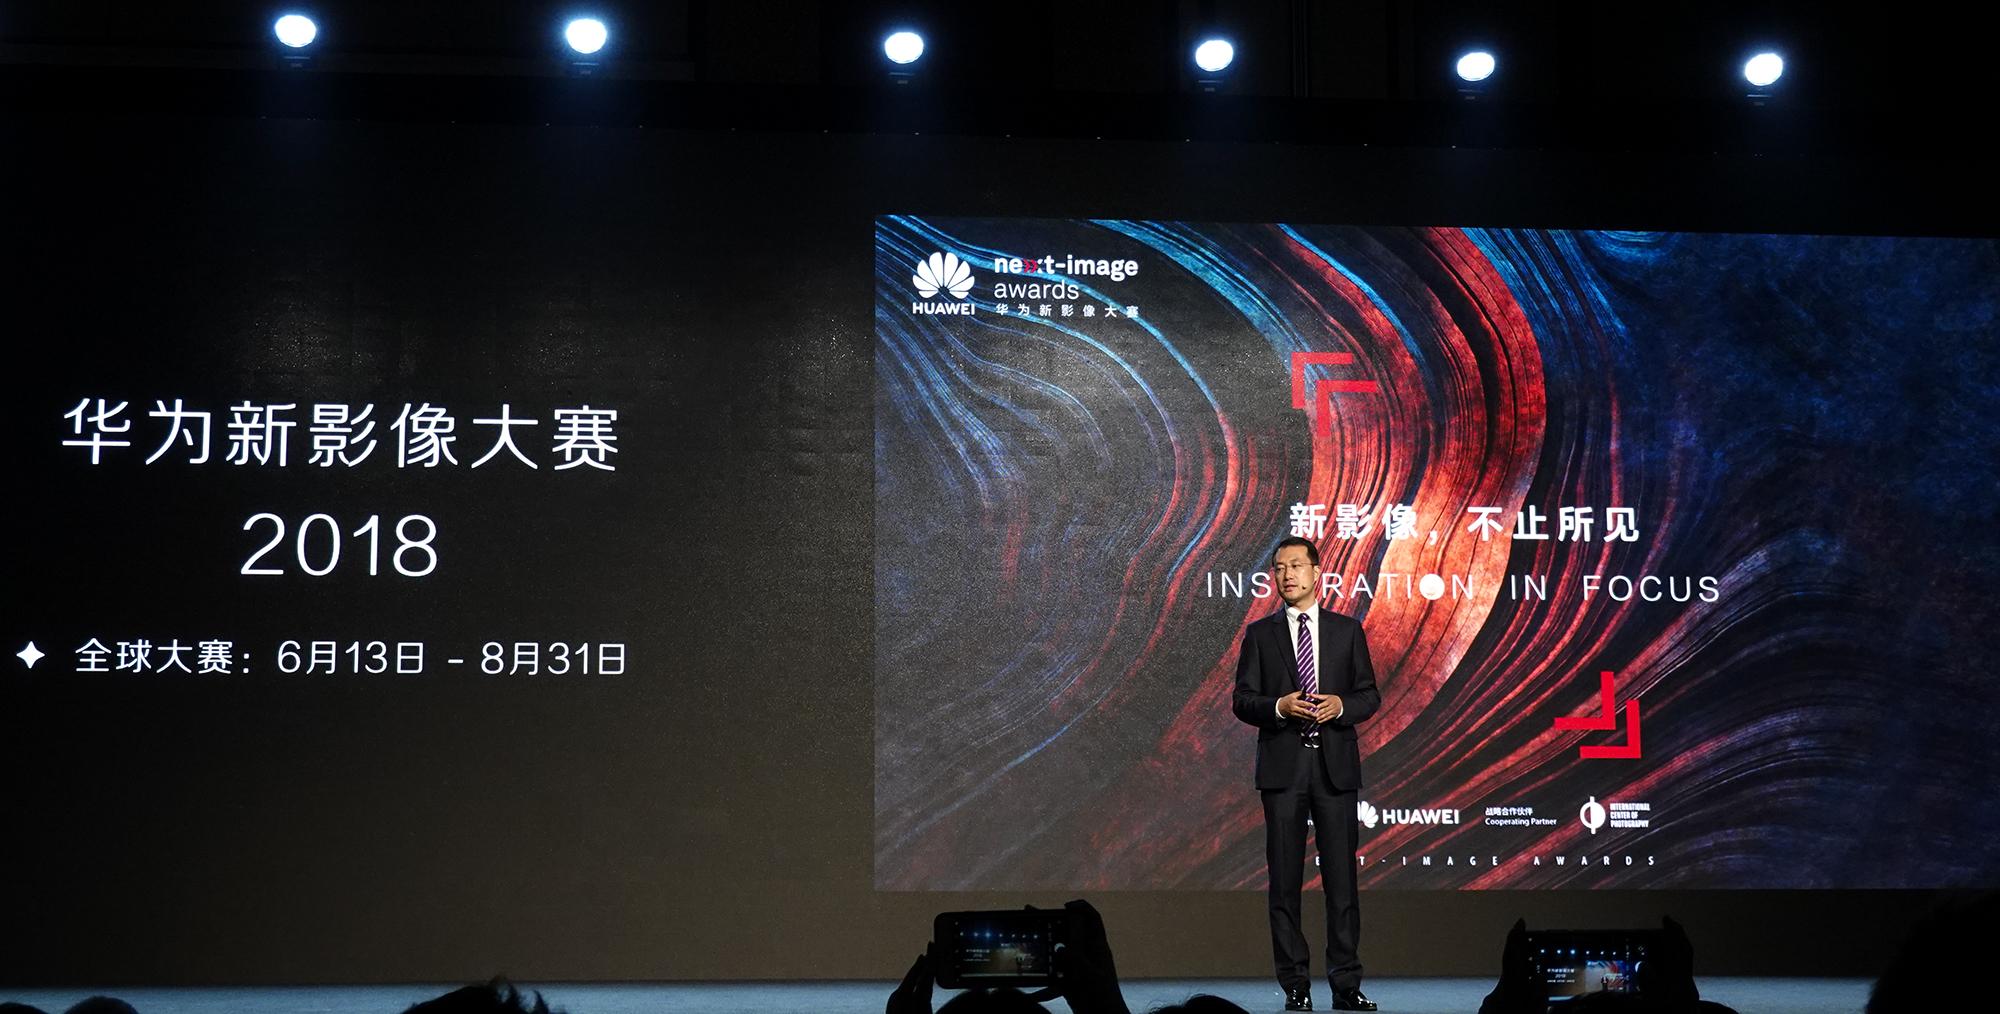 2018 华为新影像大赛启动,专访华为手机产品线副总裁李昌竹